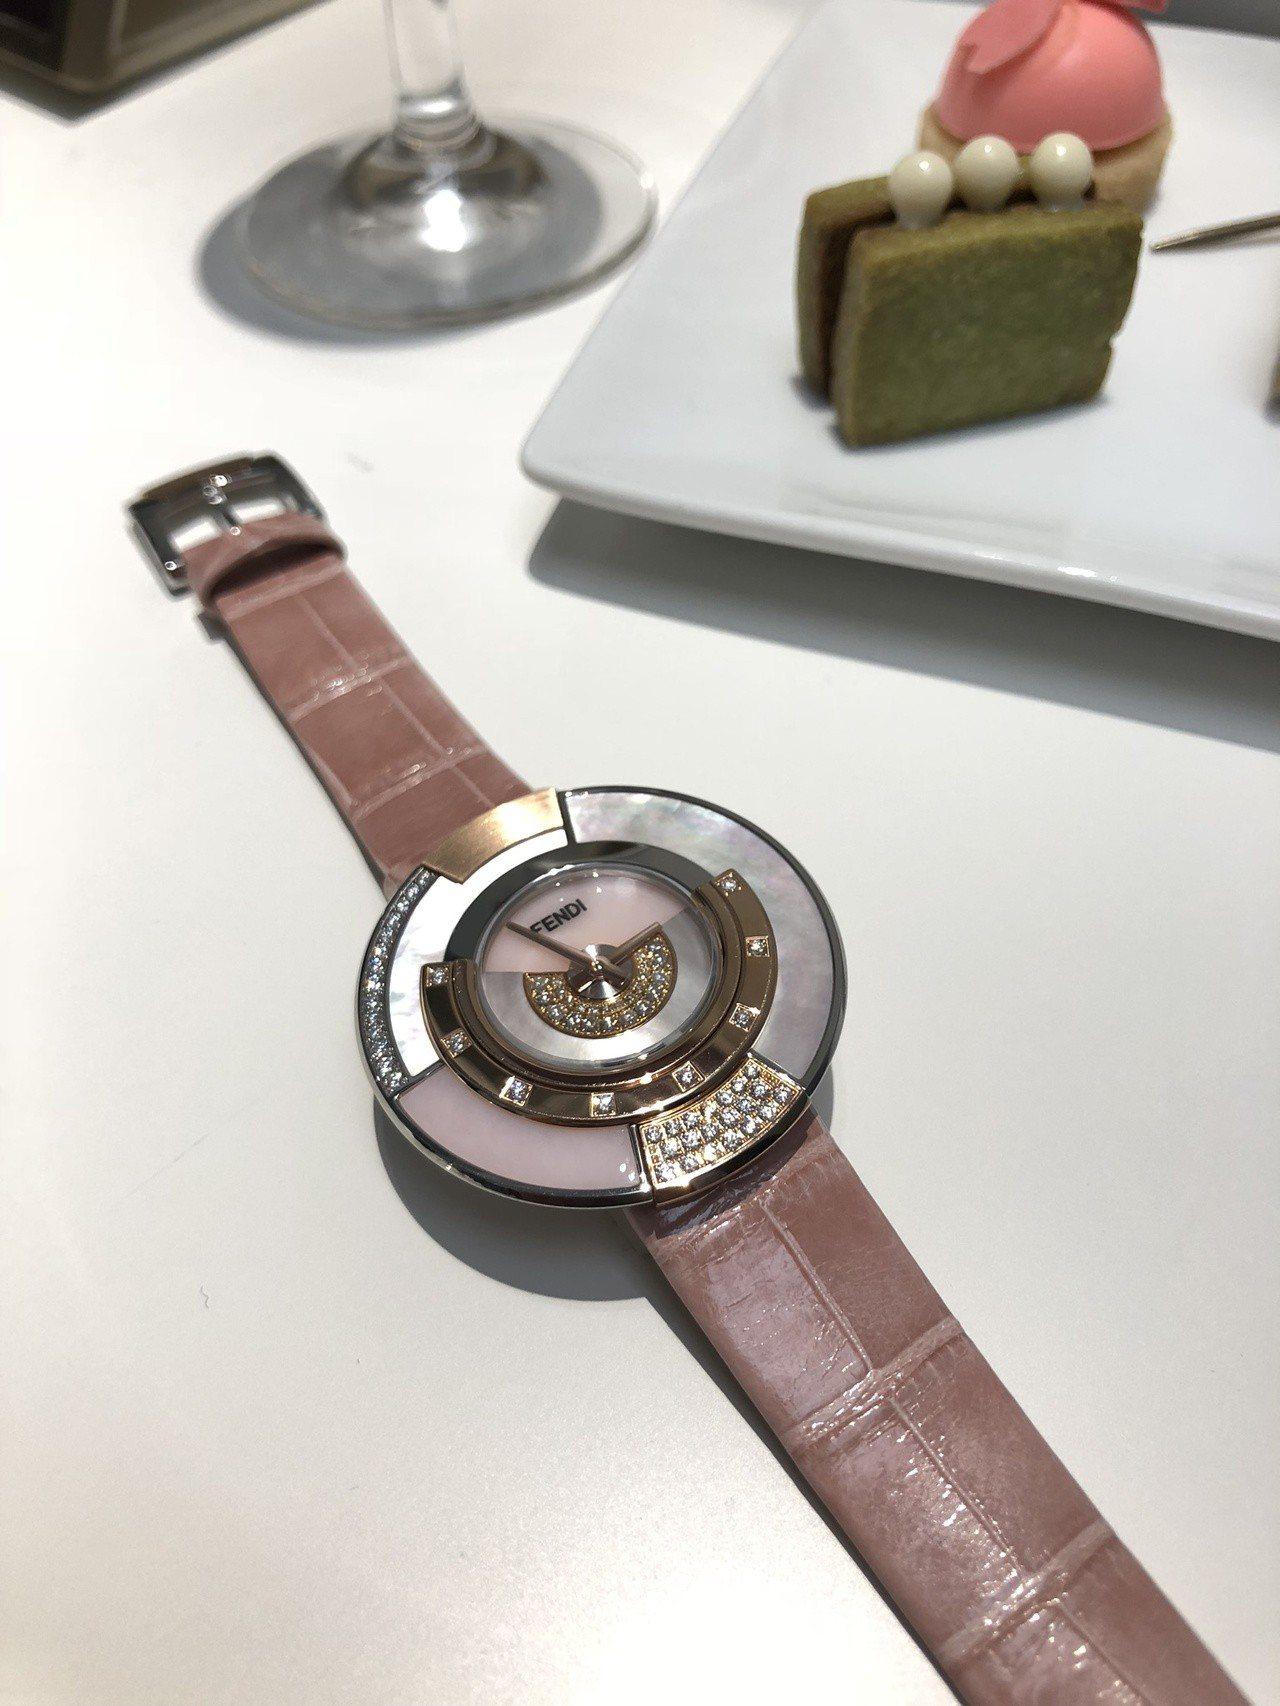 擁有11萬種變化的Policromia系列腕表,有著櫻花粉的新配色,採用半寶石和...